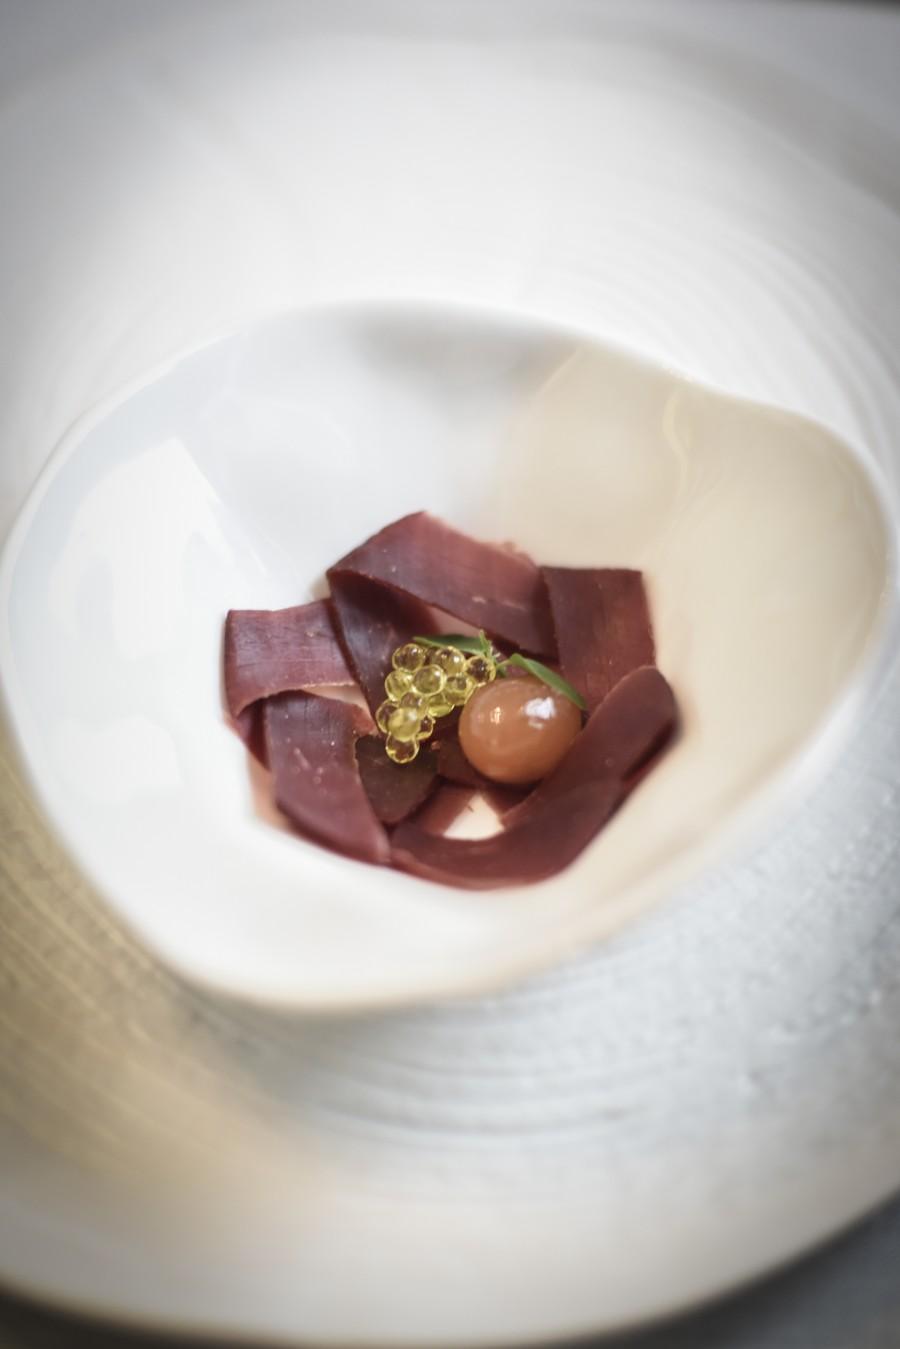 Carpaccio de cecina de ciervo Artemonte con vinagreta de granada y tomate